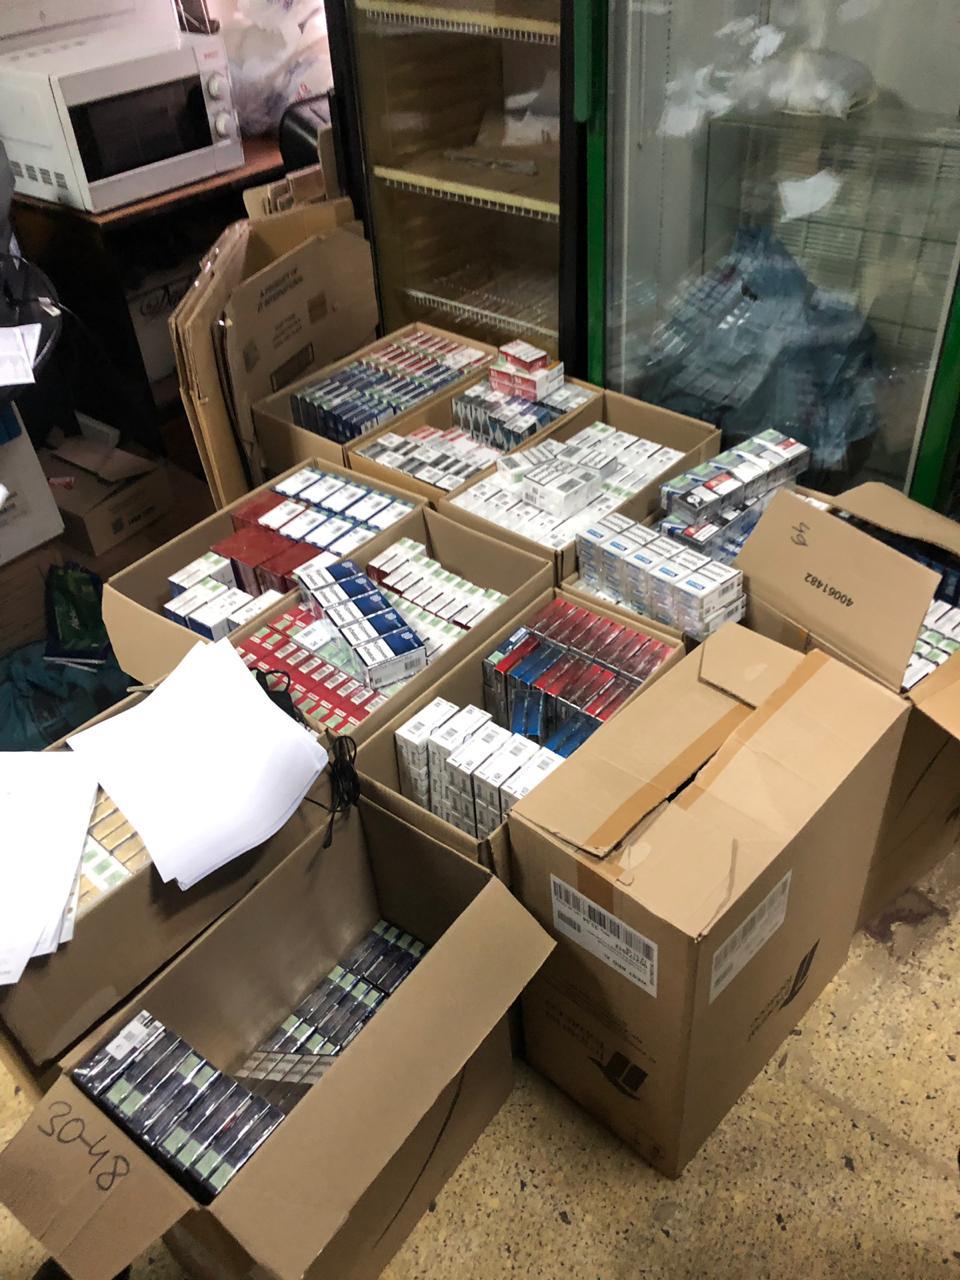 В Запорожье на территории центрального рынка работал незаконный оптовый склад сигарет (Фото)